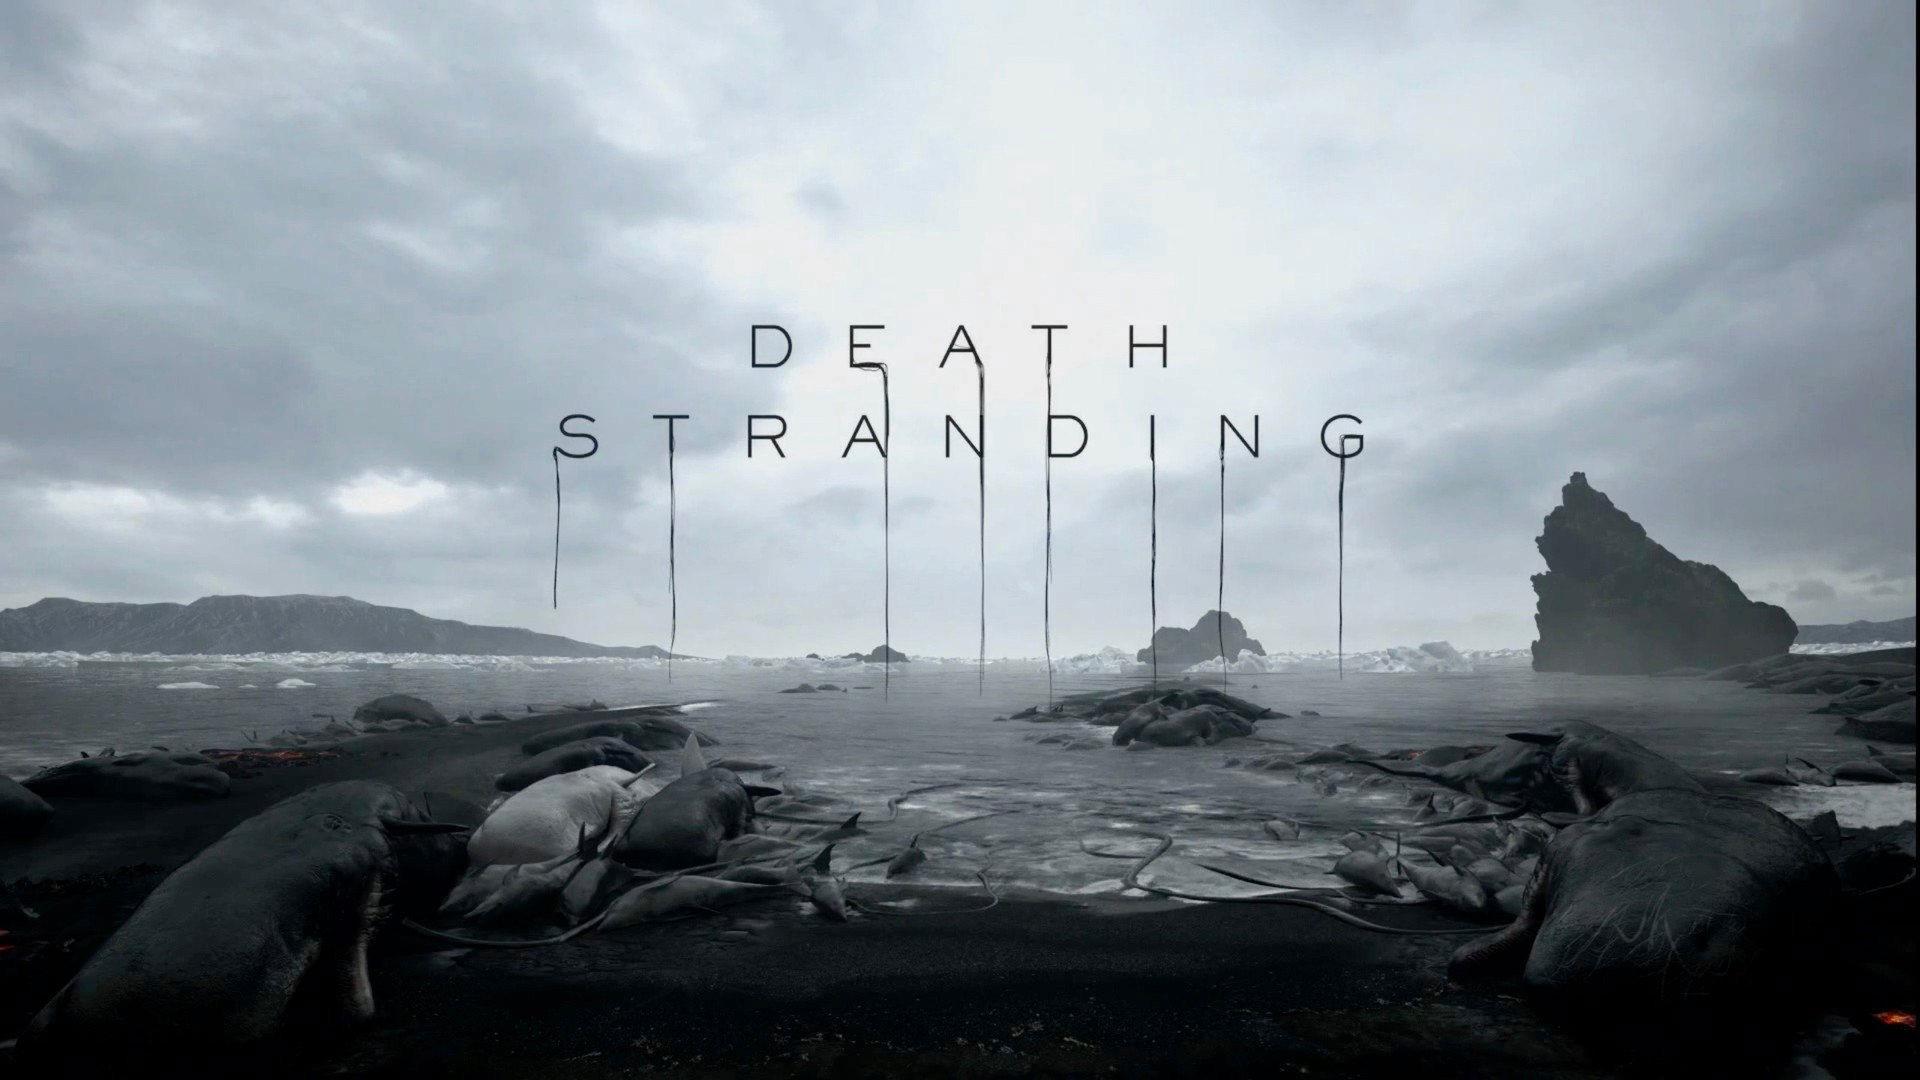 Teorias ou provas: as relações de Death Stranding com P.T. e Silent Hill 3